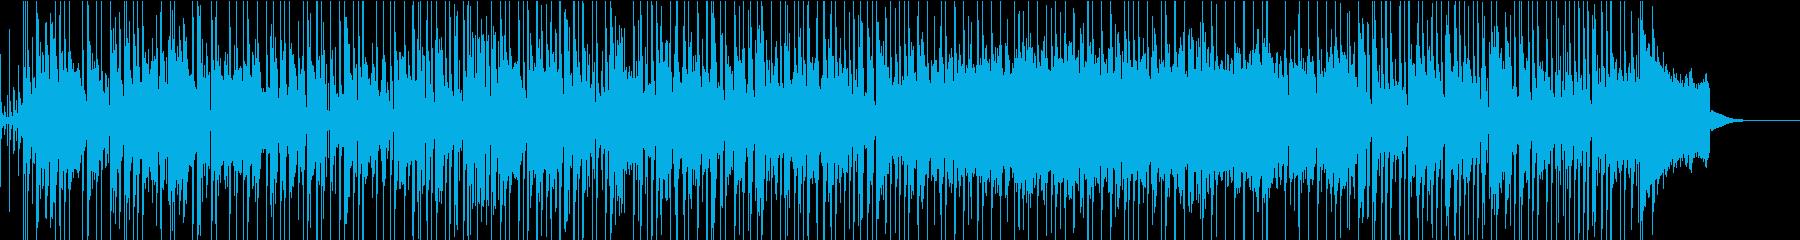 ラジオで流れそうなカリフォルニアポップスの再生済みの波形